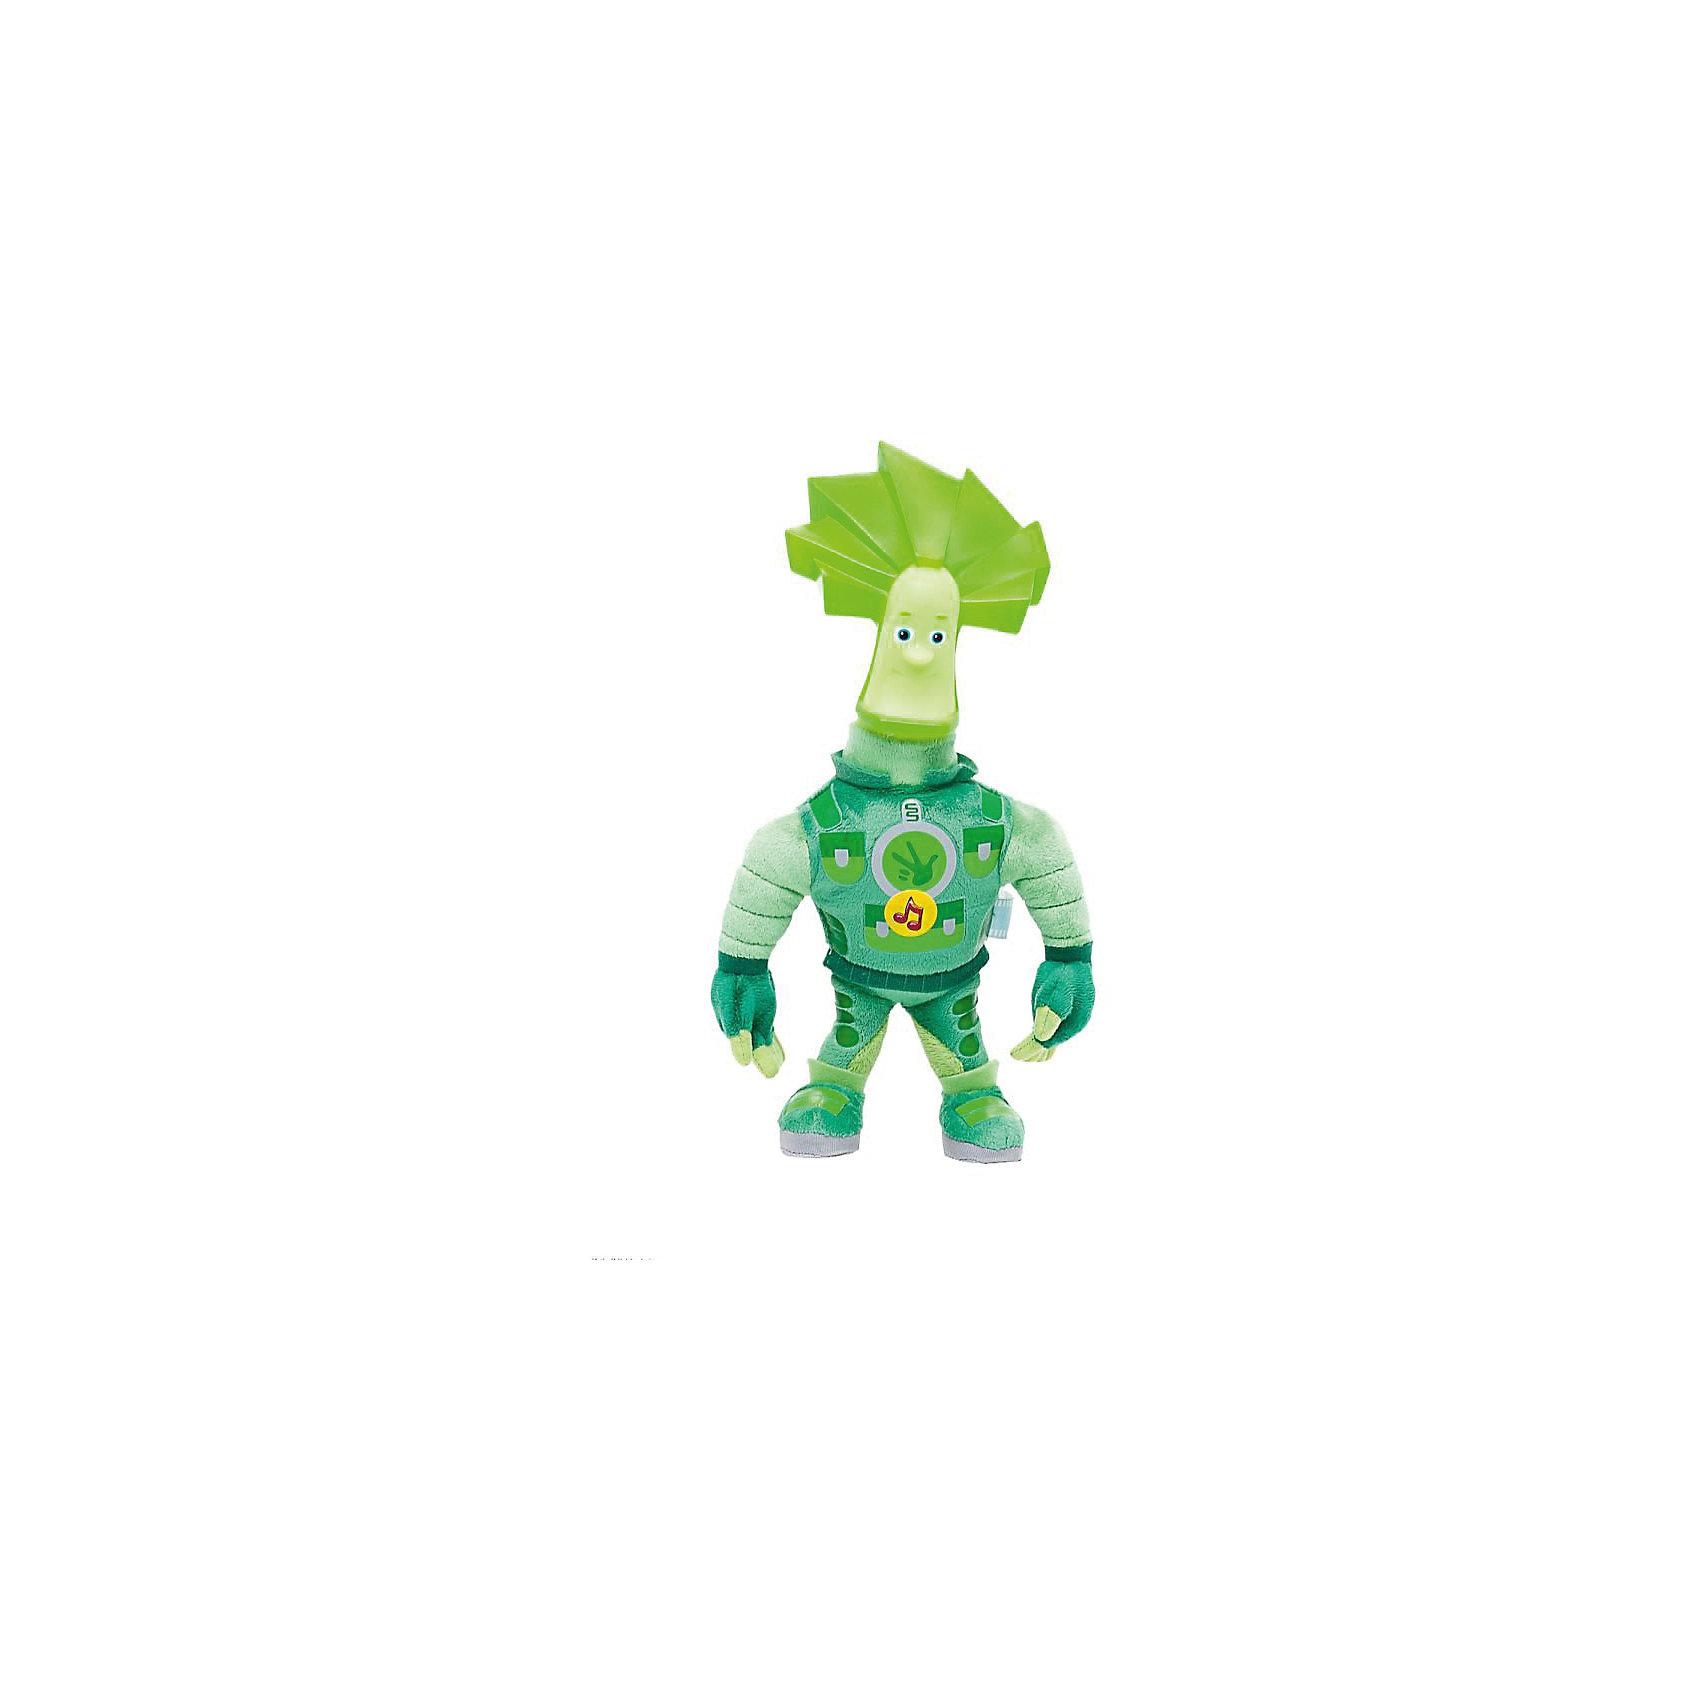 Мягкая игрушка Мульти-Пульти Фиксики. Папус, 29 см (свет, звук)Озвученные мягкие игрушки<br>Мягкая игрушка в виде любимого героя из популярного, всеми любимого мультика Фиксики Папус. Эта игрушка коллекционная. У Папуса пластиковая голова и мягкое тело. Чтобы головка у героя засветилась, нужно нажать на ручку, а при нажатии на животик Папус скажет известные фразы из мультфильма и споет песенку. Размер игрушки 29 см. Развивает слуховое и тактильное восприятие, фантазию, память. Рекомендовано детям от 3-х лет. Работает от 3 батареек типа АА (входят в комплект).<br><br>Ширина мм: 340<br>Глубина мм: 120<br>Высота мм: 160<br>Вес г: 410<br>Возраст от месяцев: 36<br>Возраст до месяцев: 84<br>Пол: Унисекс<br>Возраст: Детский<br>SKU: 7120276